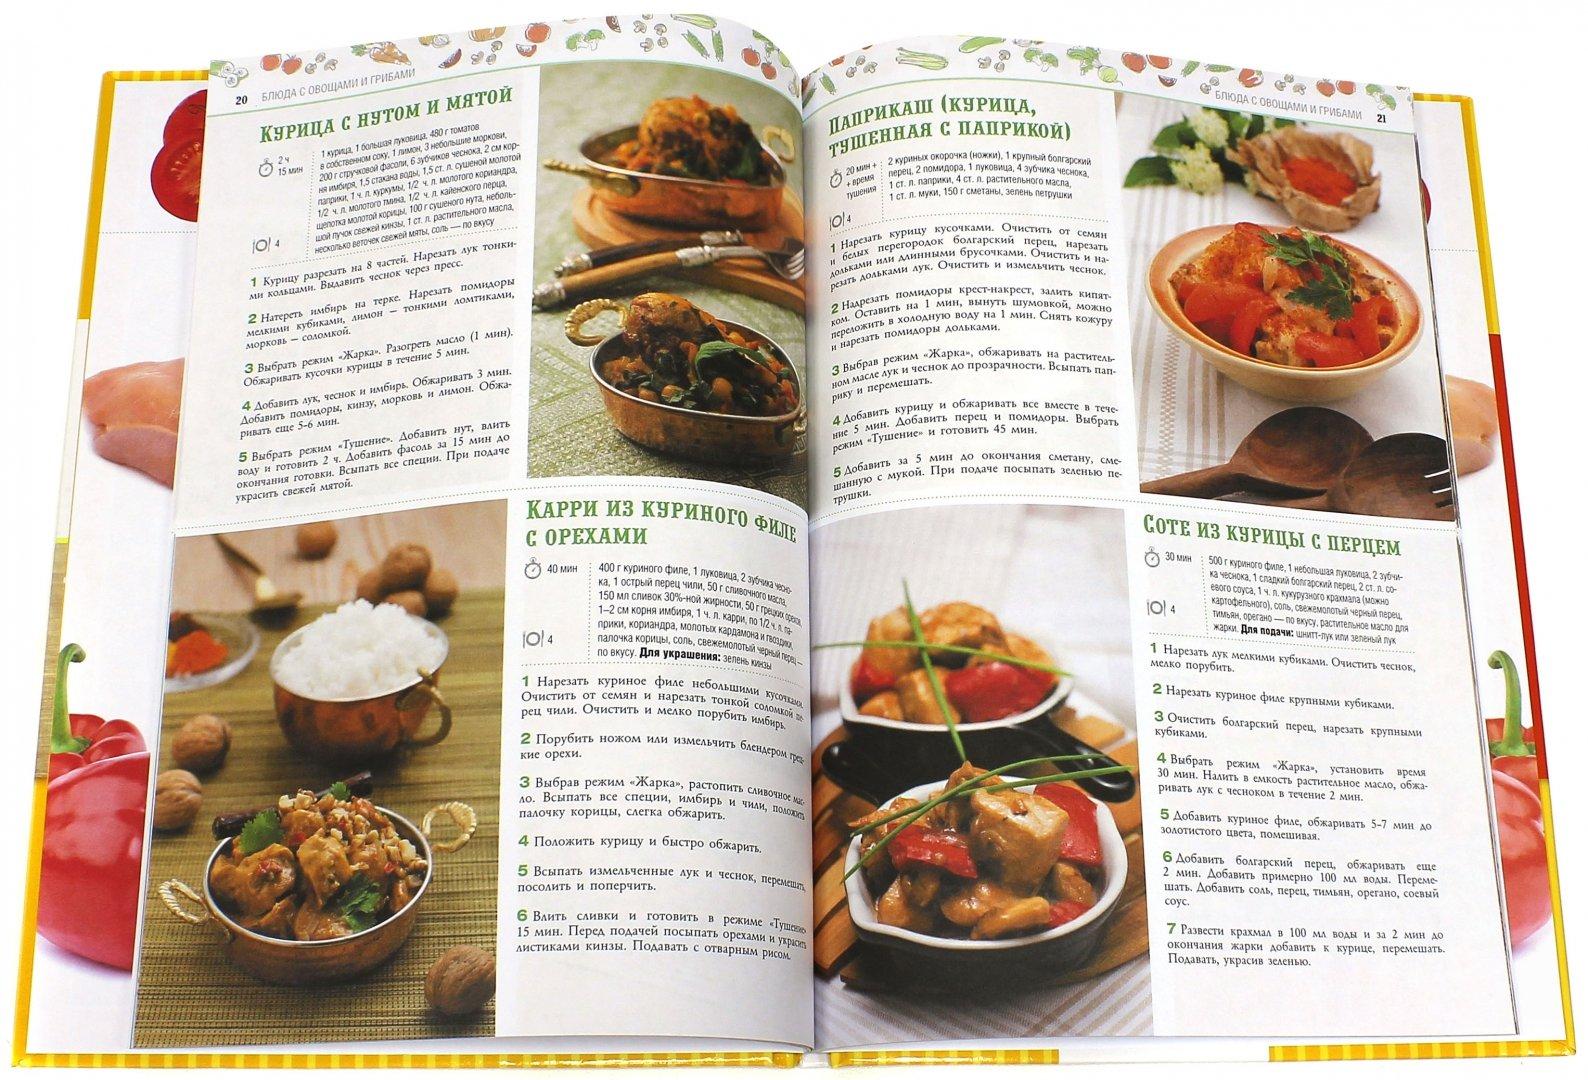 Иллюстрация 1 из 12 для 100 лучших рецептов блюд из курицы в мультиварке | Лабиринт - книги. Источник: Лабиринт